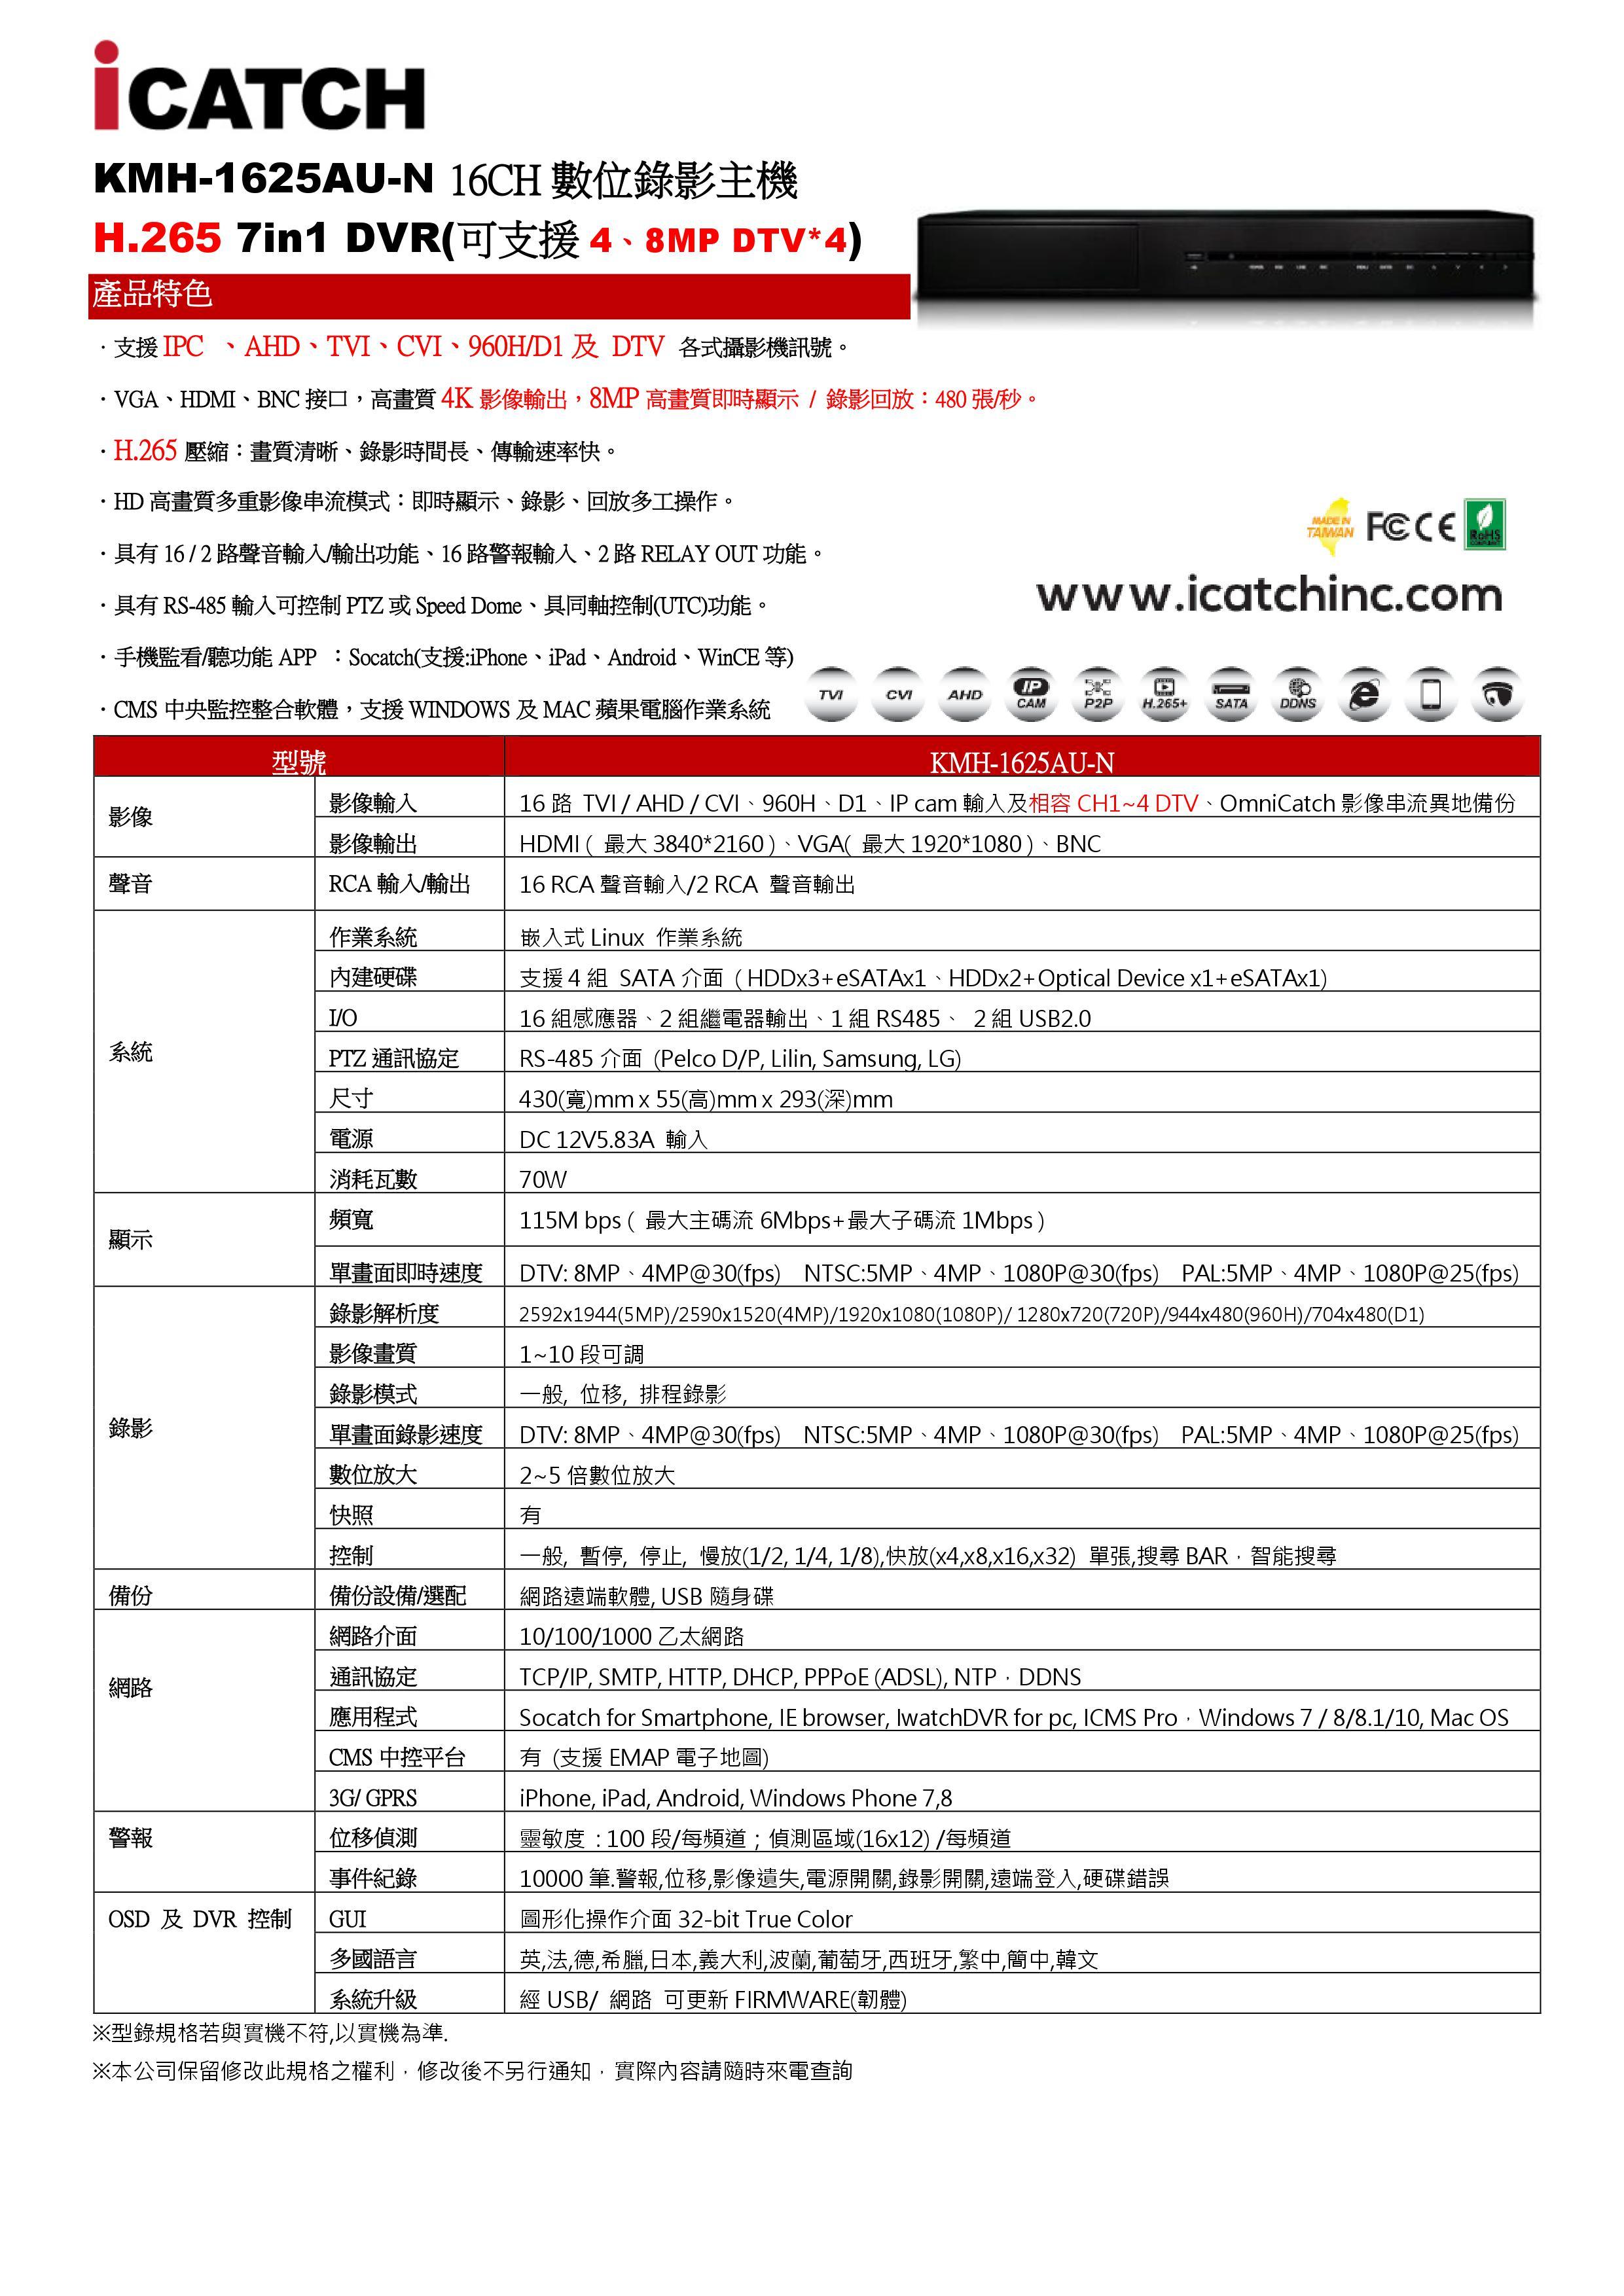 KMH-1625AU-N 16CH數位錄影主機